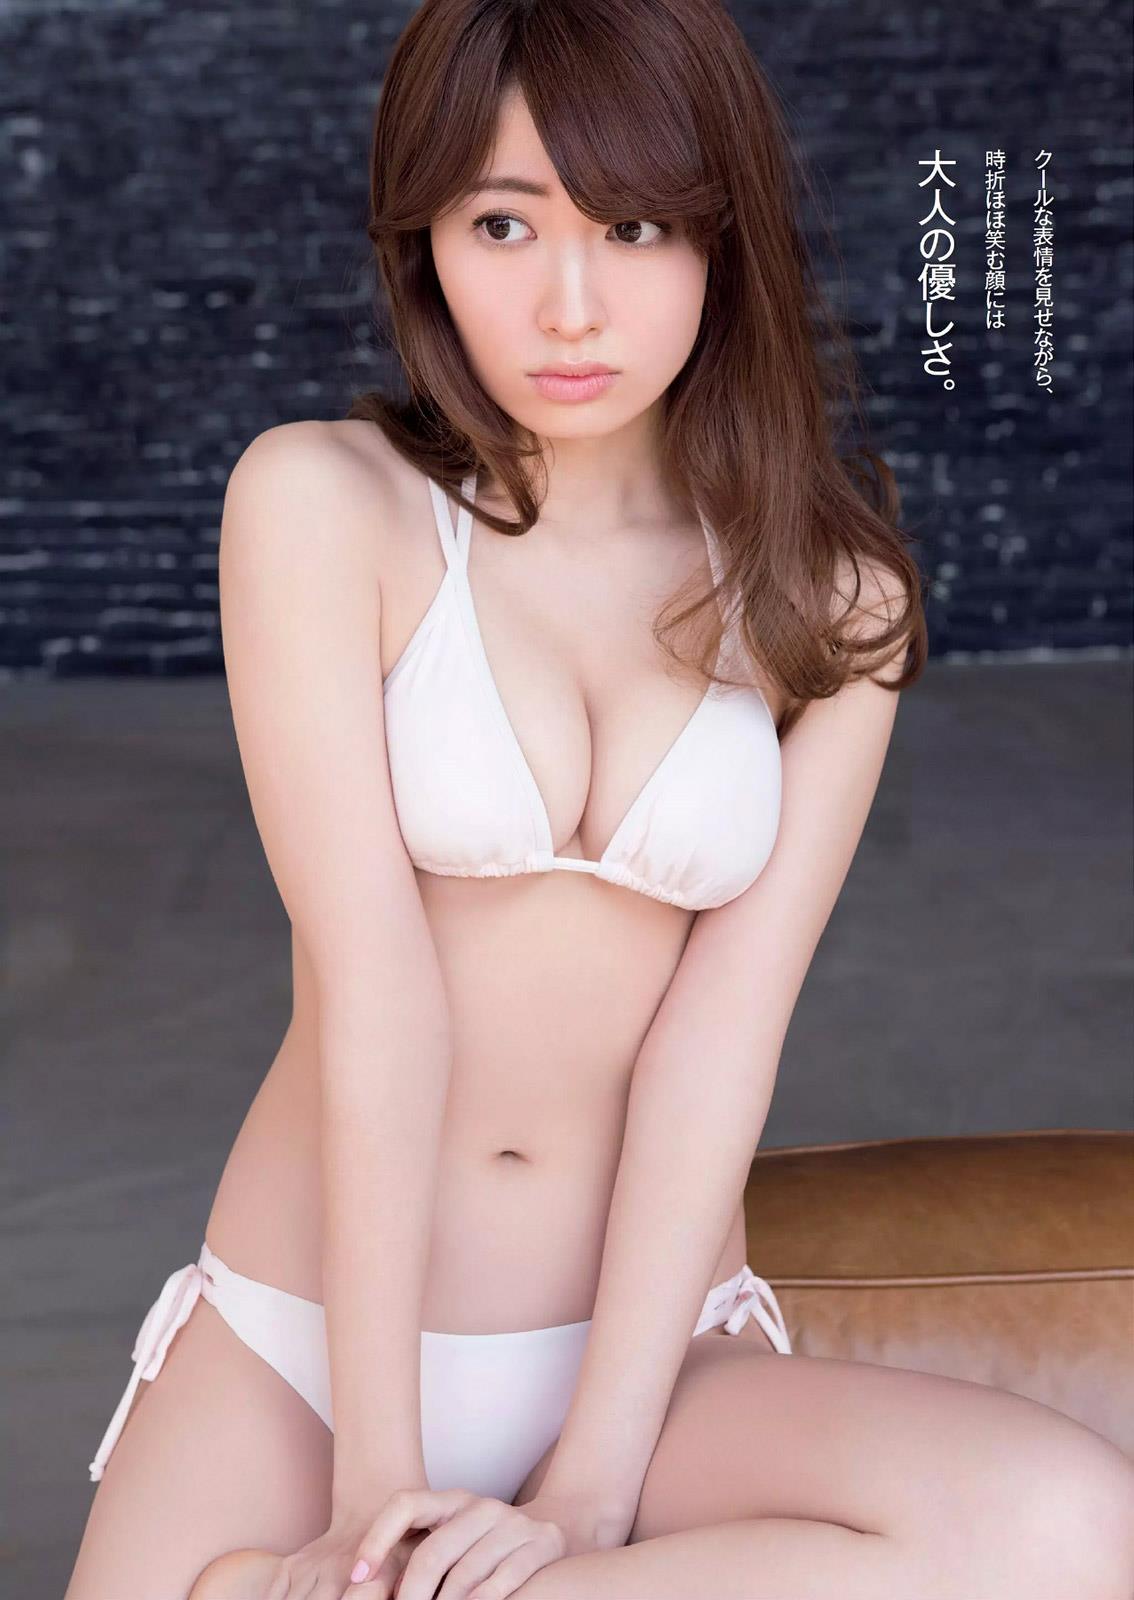 小嶋陽菜 ランジェリー画像 6